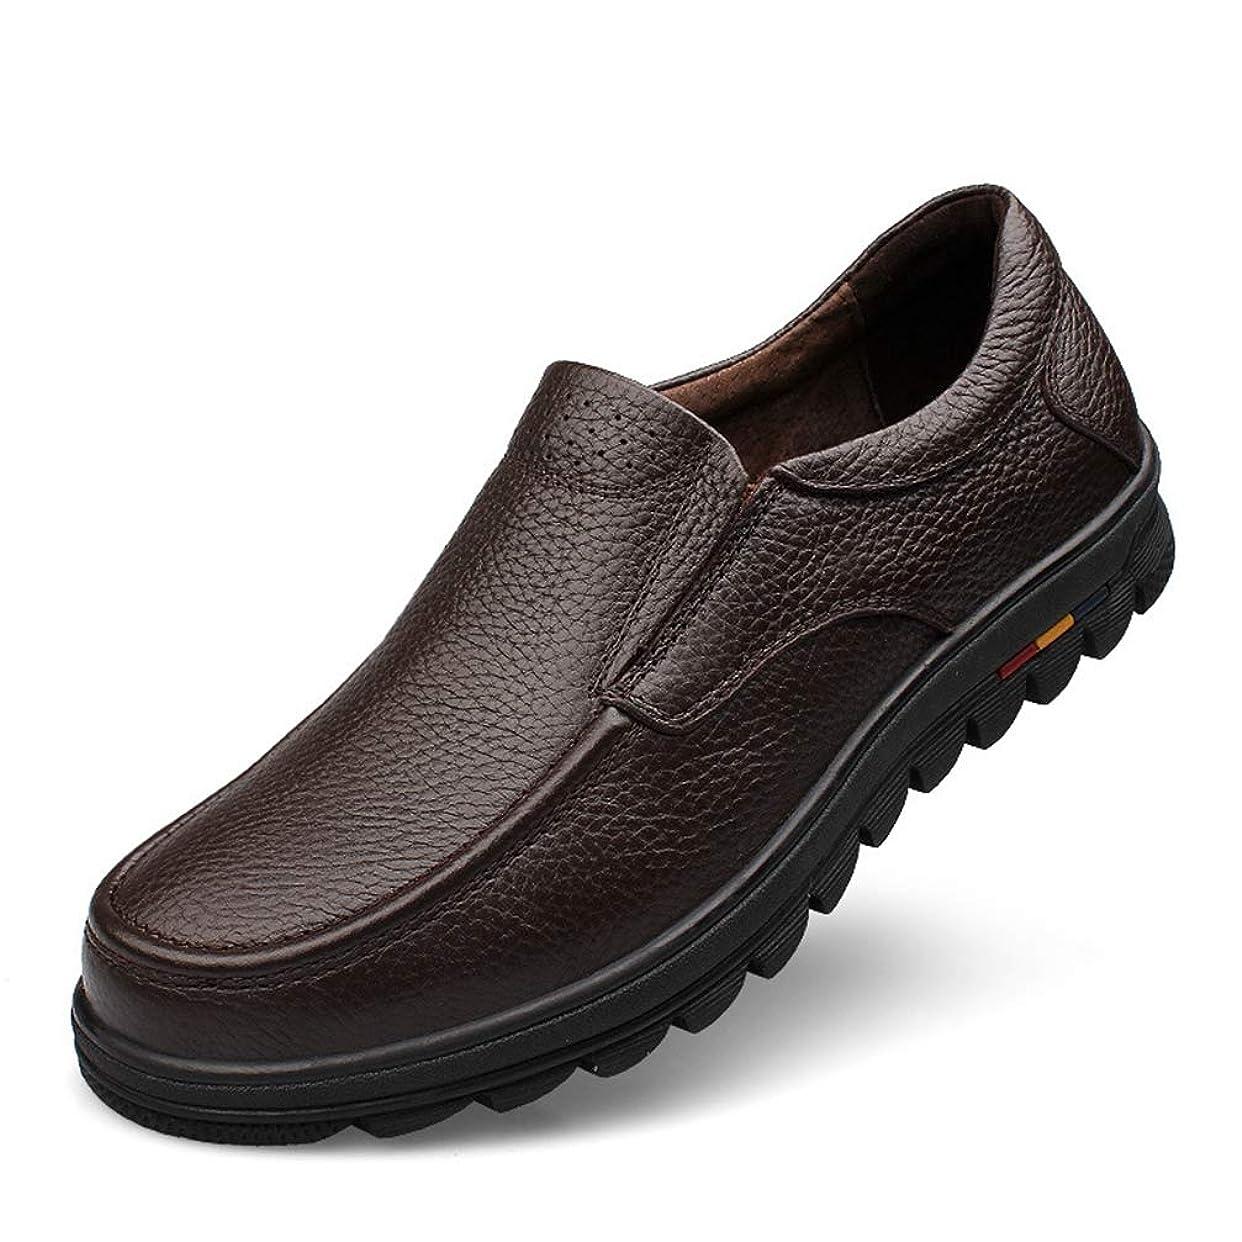 エール成人期寝る防水 軽量 コンフォートシューズ メンズ 4e 幅広 防滑 スリッポン ウォーキングシューズ ビジネス スニーカー メンズ 黒 トパーズ ビジカジ 靴 カジュアルシューズ 歩きやすい ミスター シニア ファッション 50 代 60代 父の日 ギフト